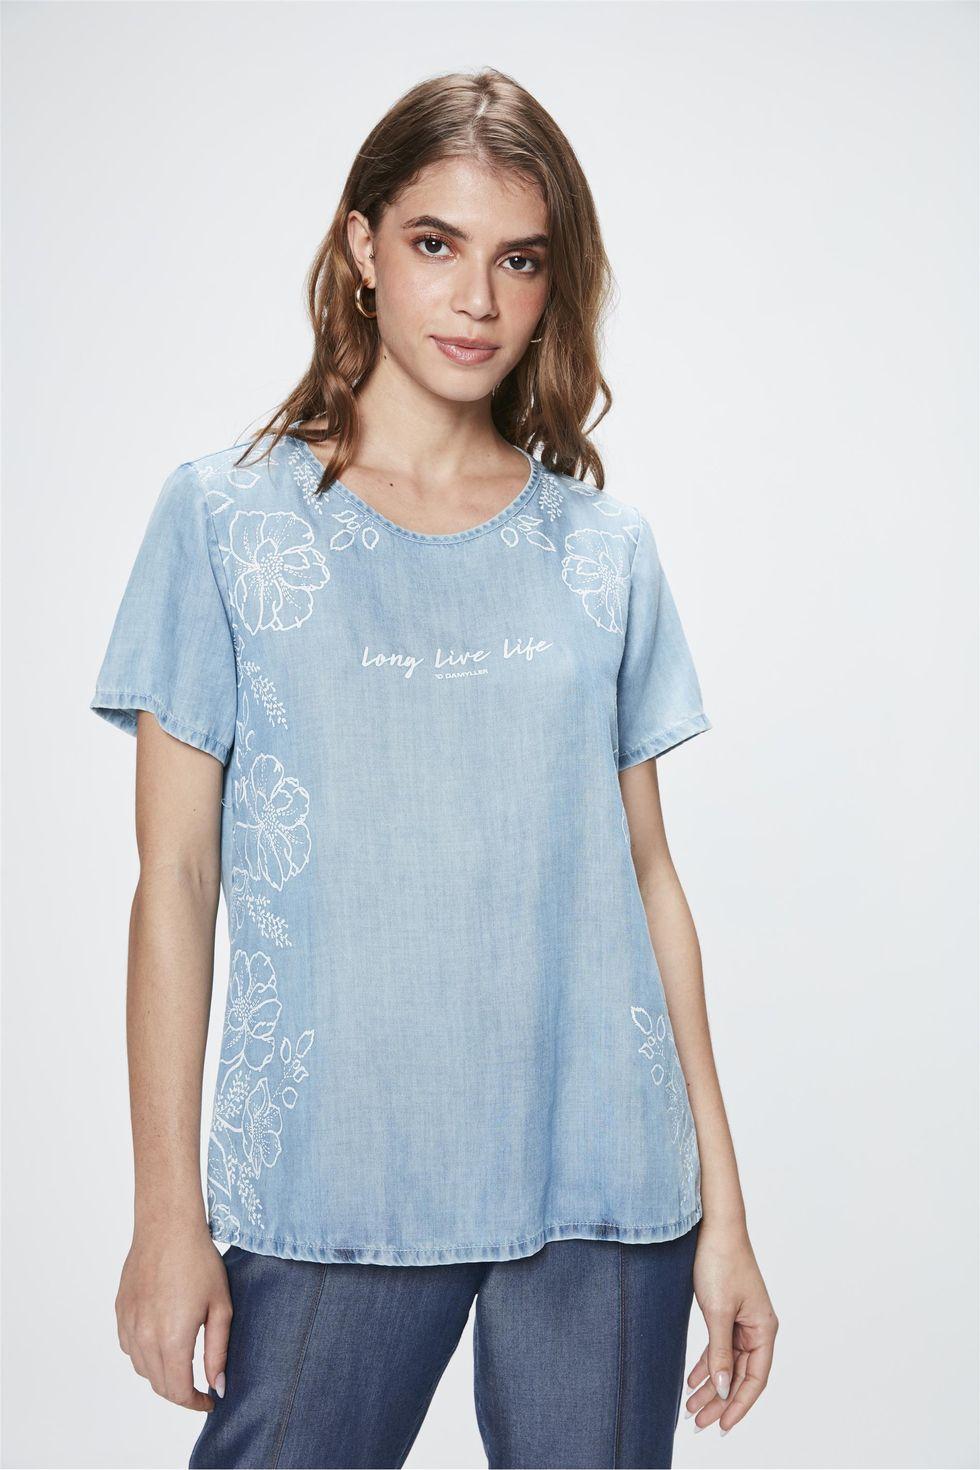 Camiseta-com-Estampa-Long-Live-Life-Frente--